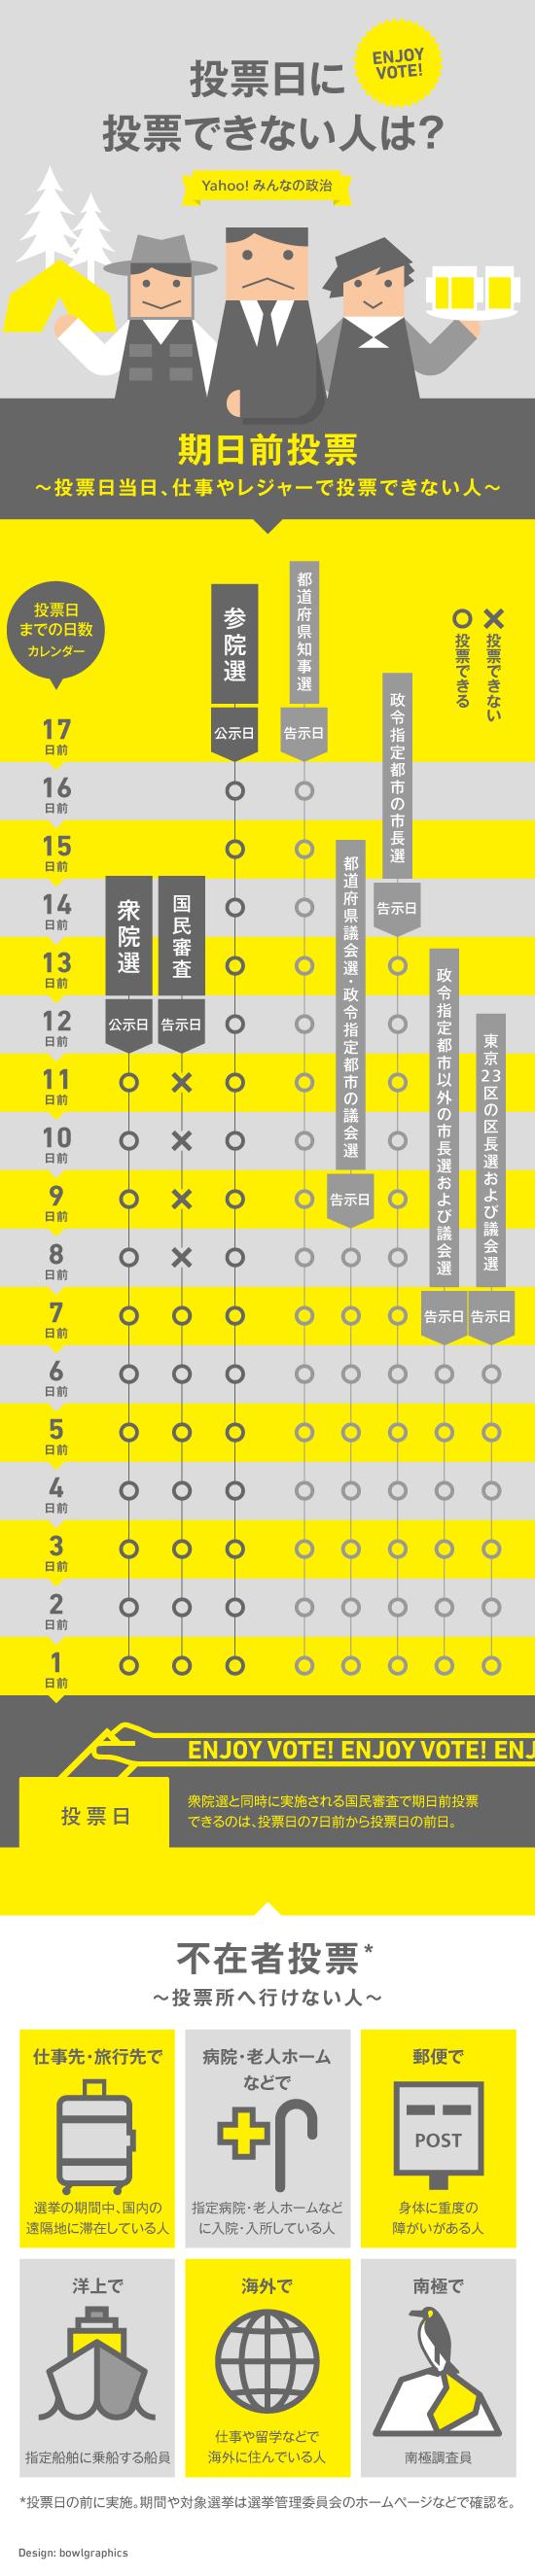 インフォグラフィック:期日前投票はいつから?選挙投票日に行けないときのために